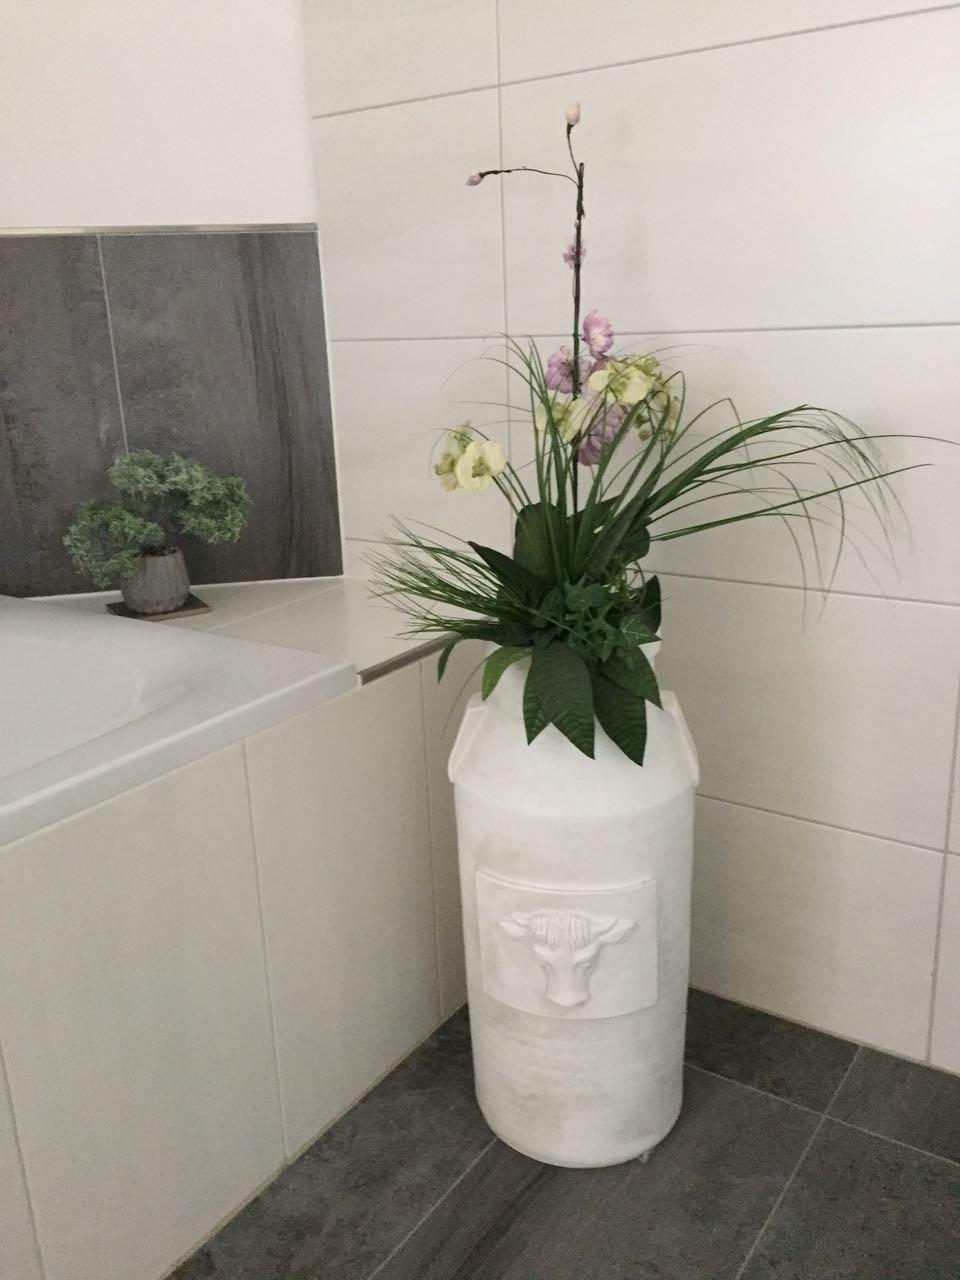 Satis Grosse Vase Milchkanne 60 Cm I Xxl Bodenvase Weiss Mit